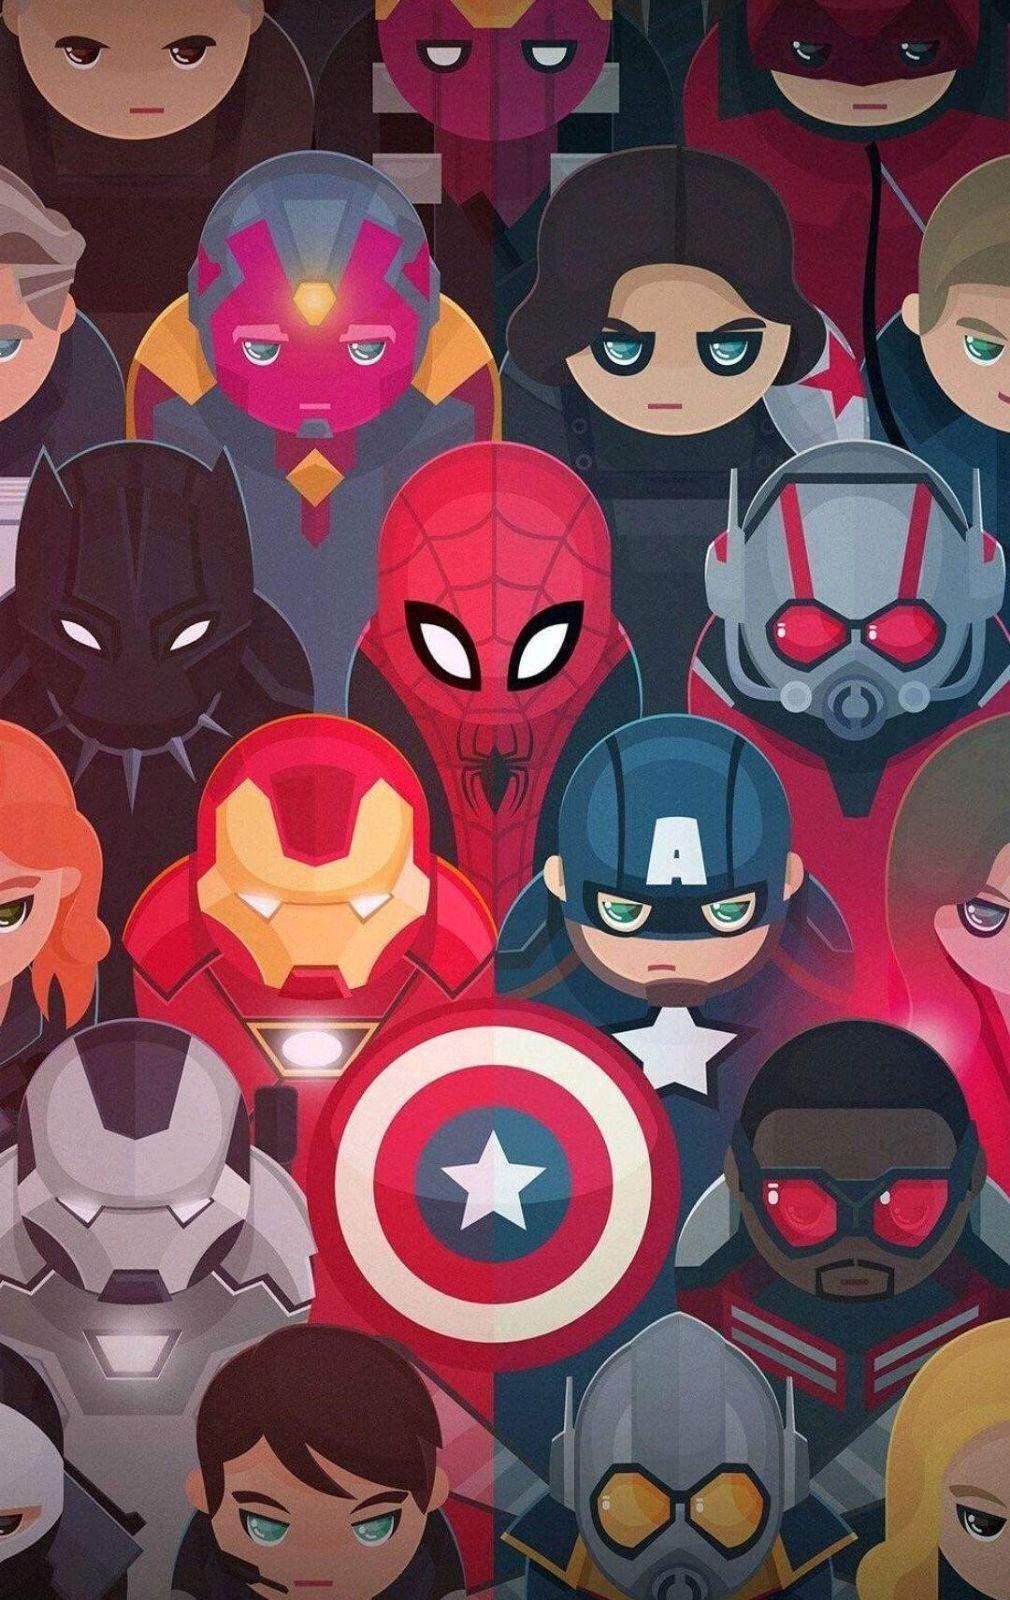 The Avengers Fondo De Pantalla Animado Fondo De Pantalla De